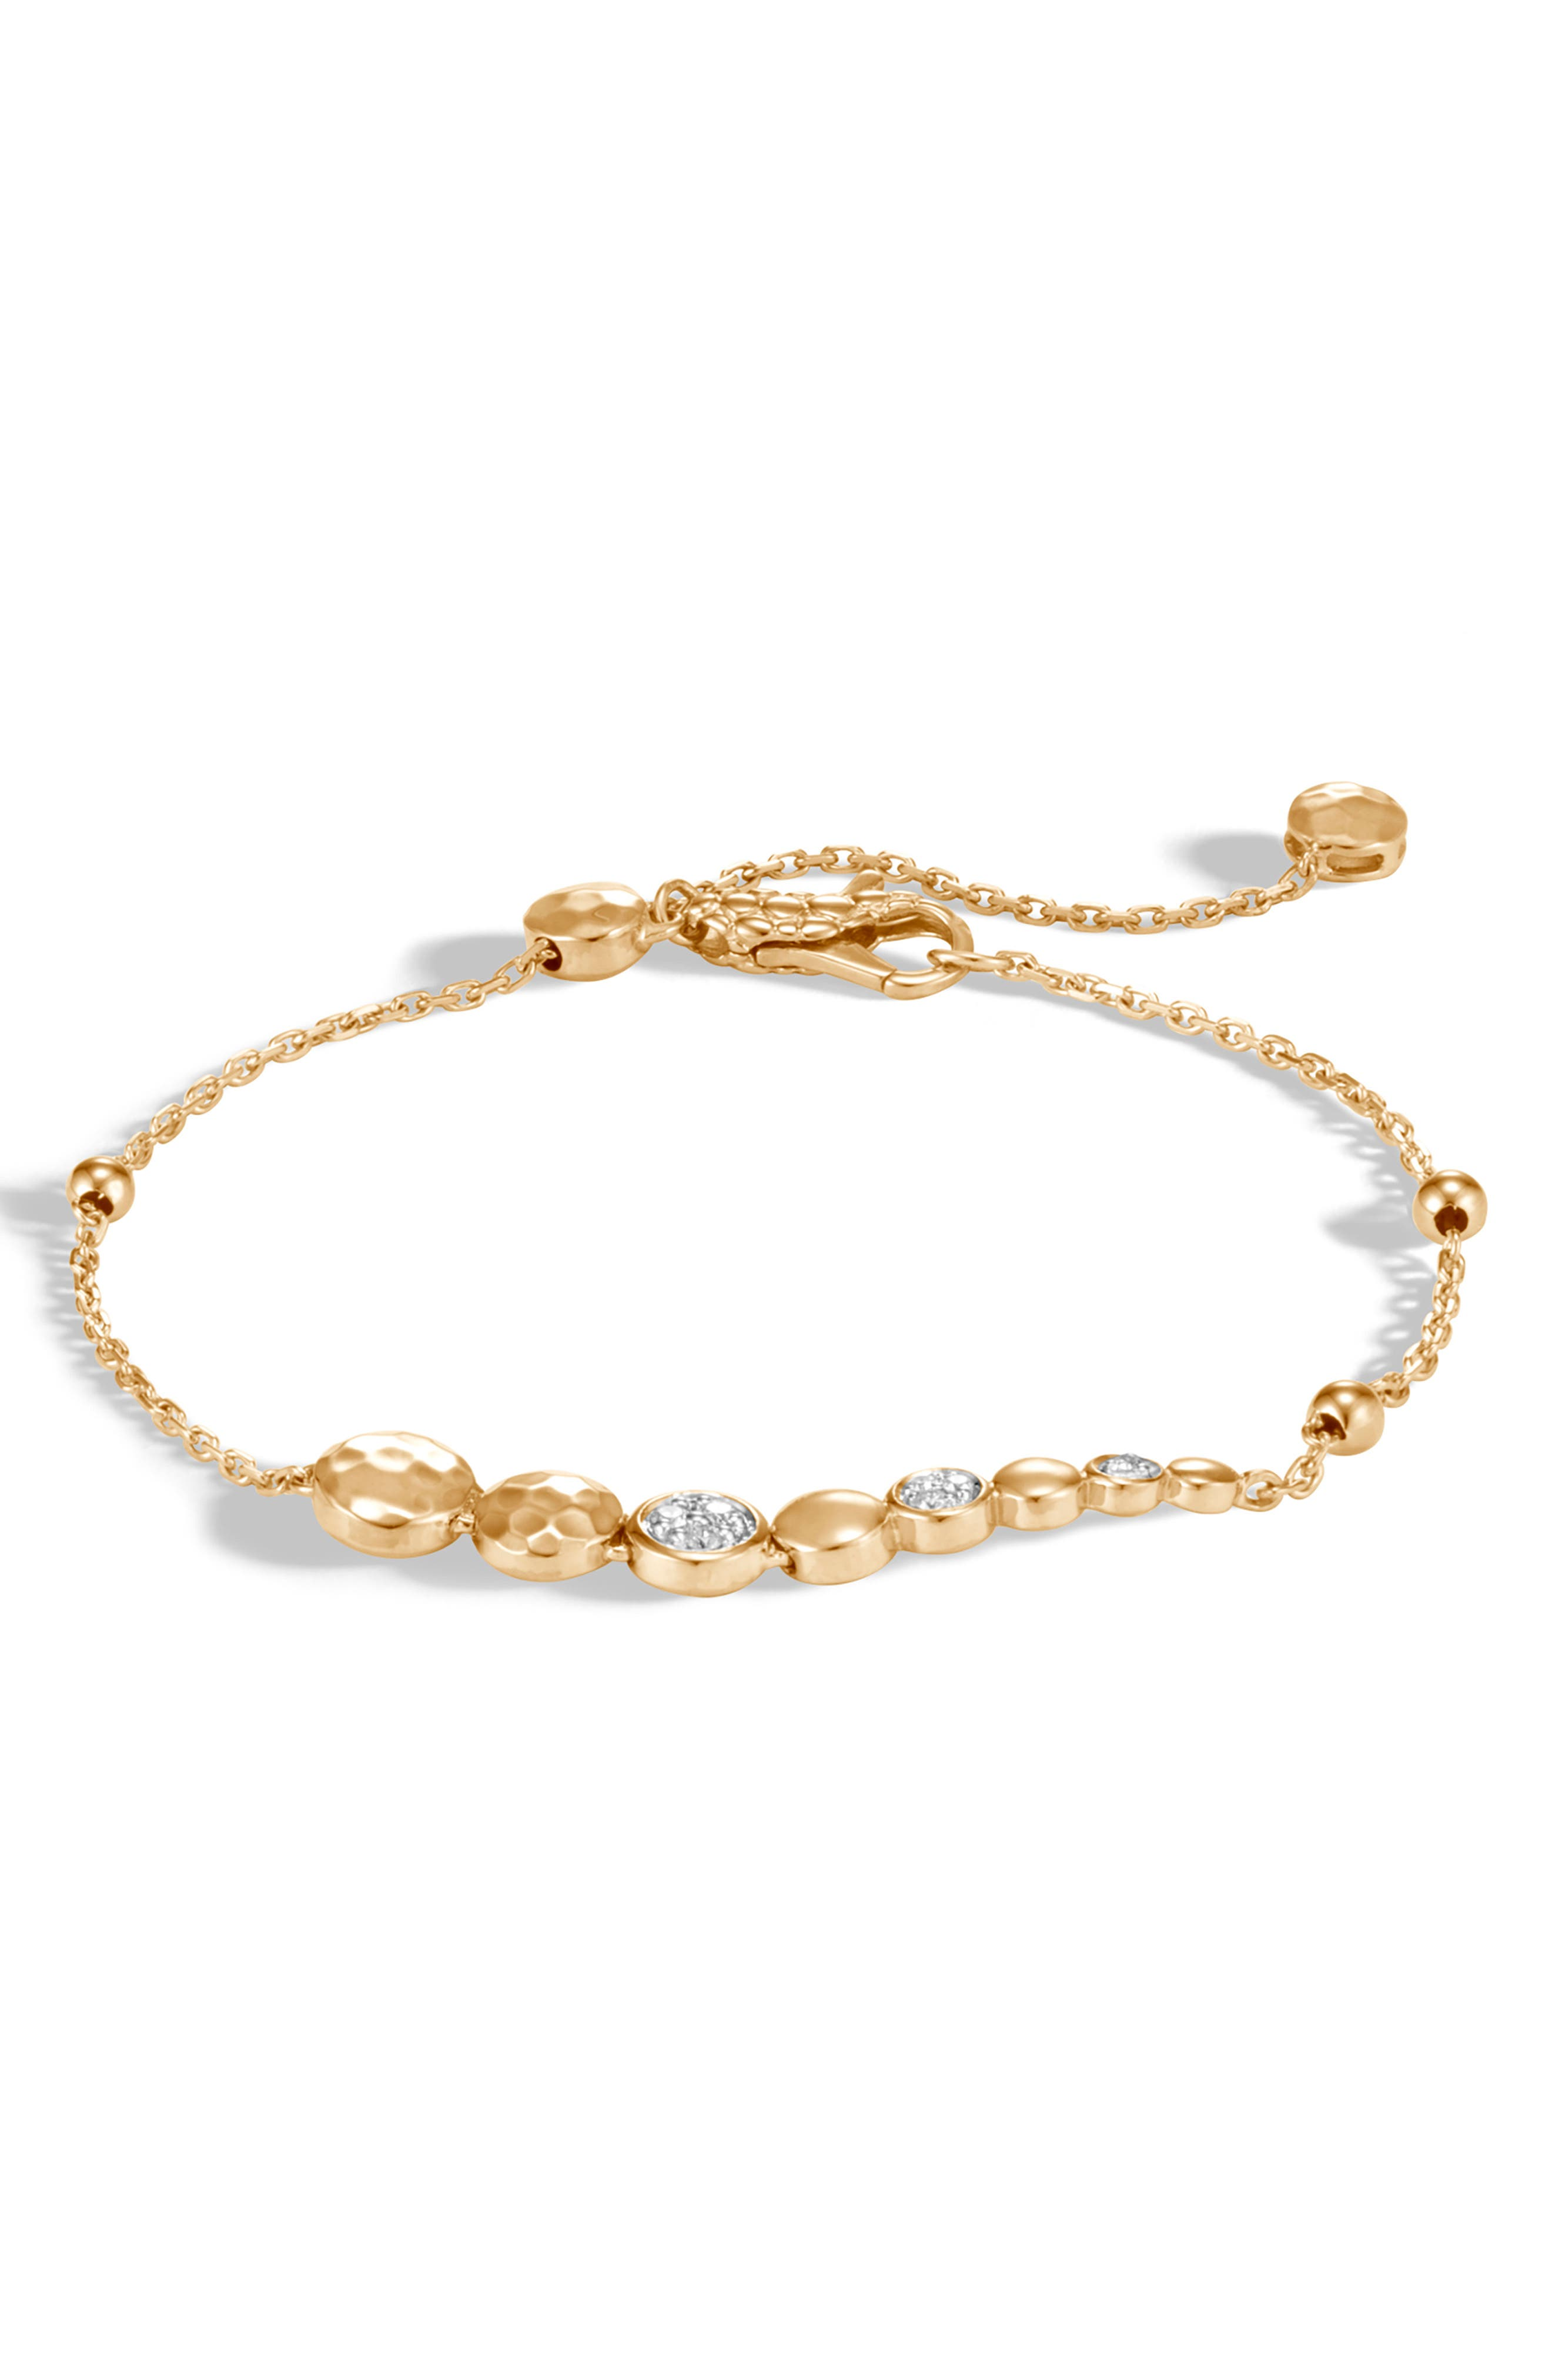 JOHN HARDY, Dot Hammered Slider Bracelet, Main thumbnail 1, color, GOLD/ DIAMOND